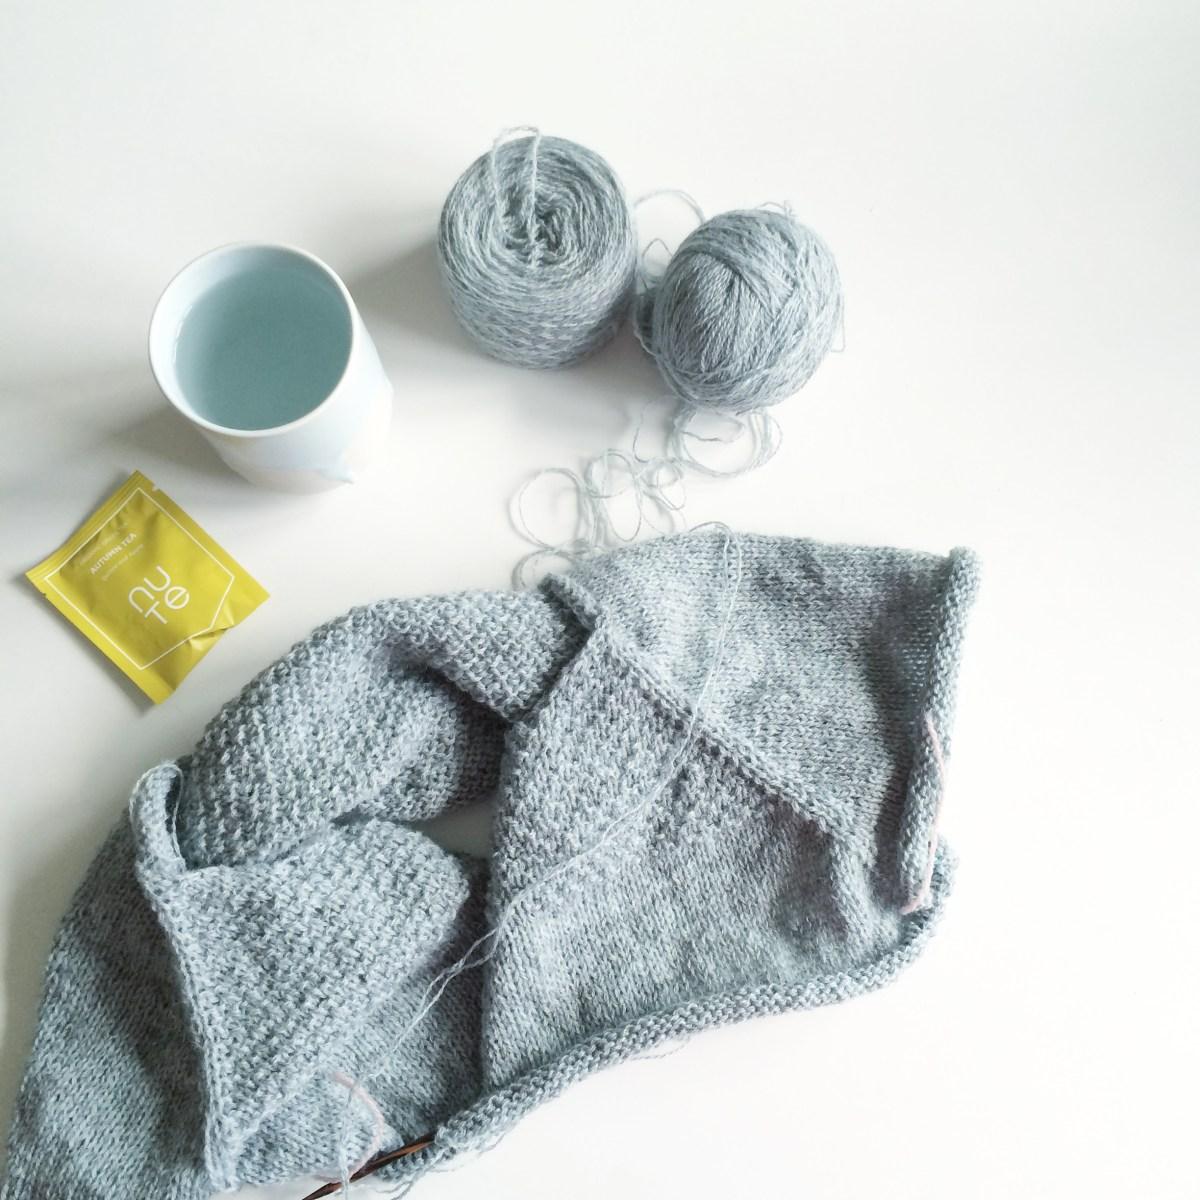 Om at have gang i mange strikkeprojekter